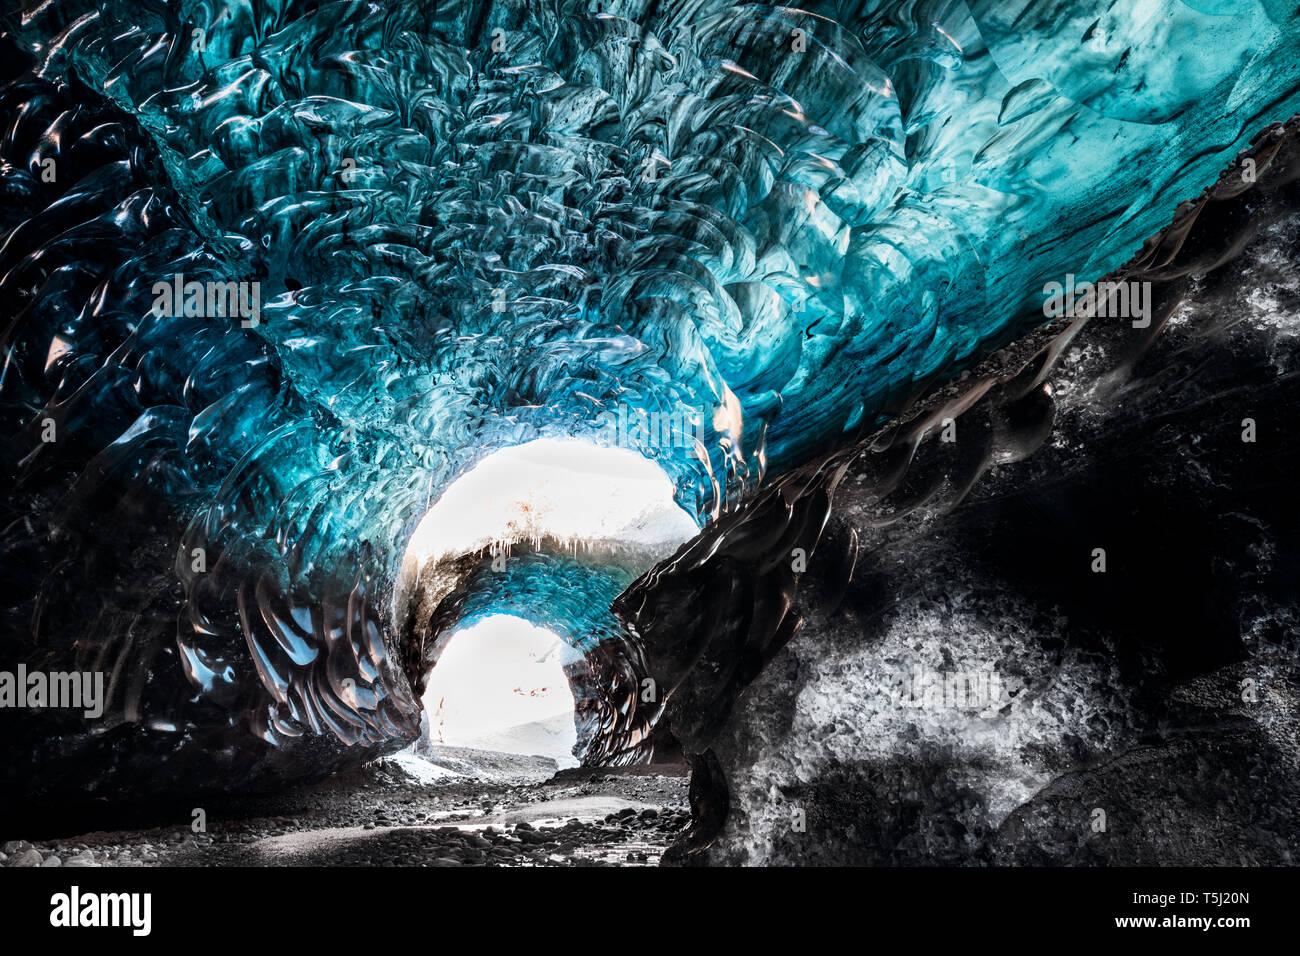 Fascinante estructura y color en el interior de una cueva de hielo glaciar de Vatnajökull. Foto de stock